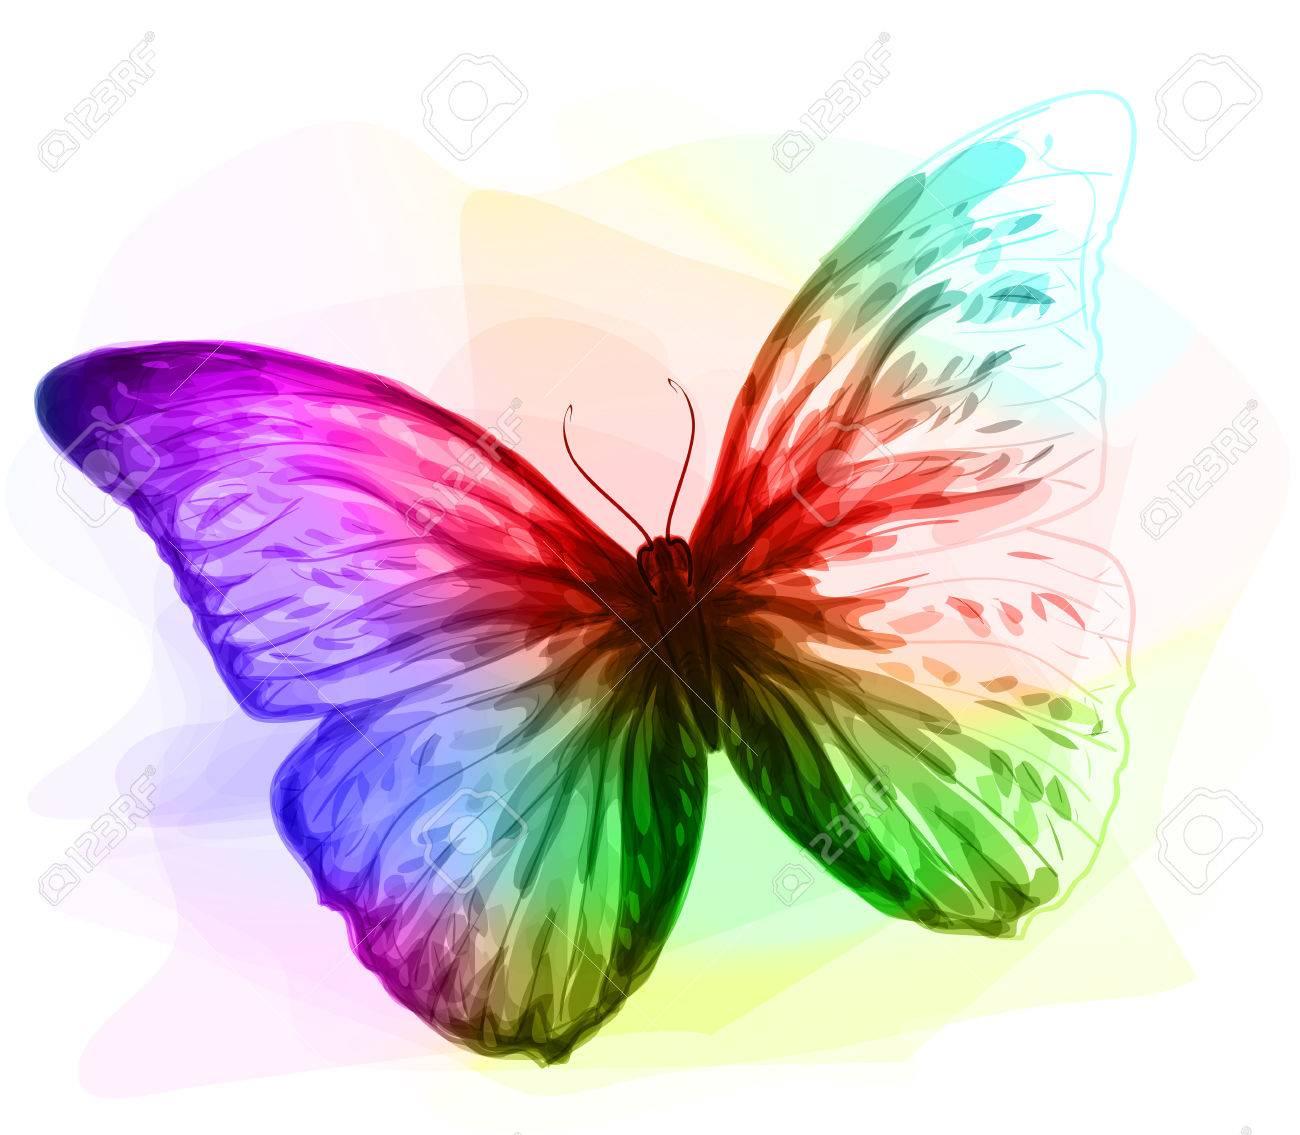 Dessin Papillon En Couleur papillon. iridescen couleurs. unfinished imitation de dessin à l